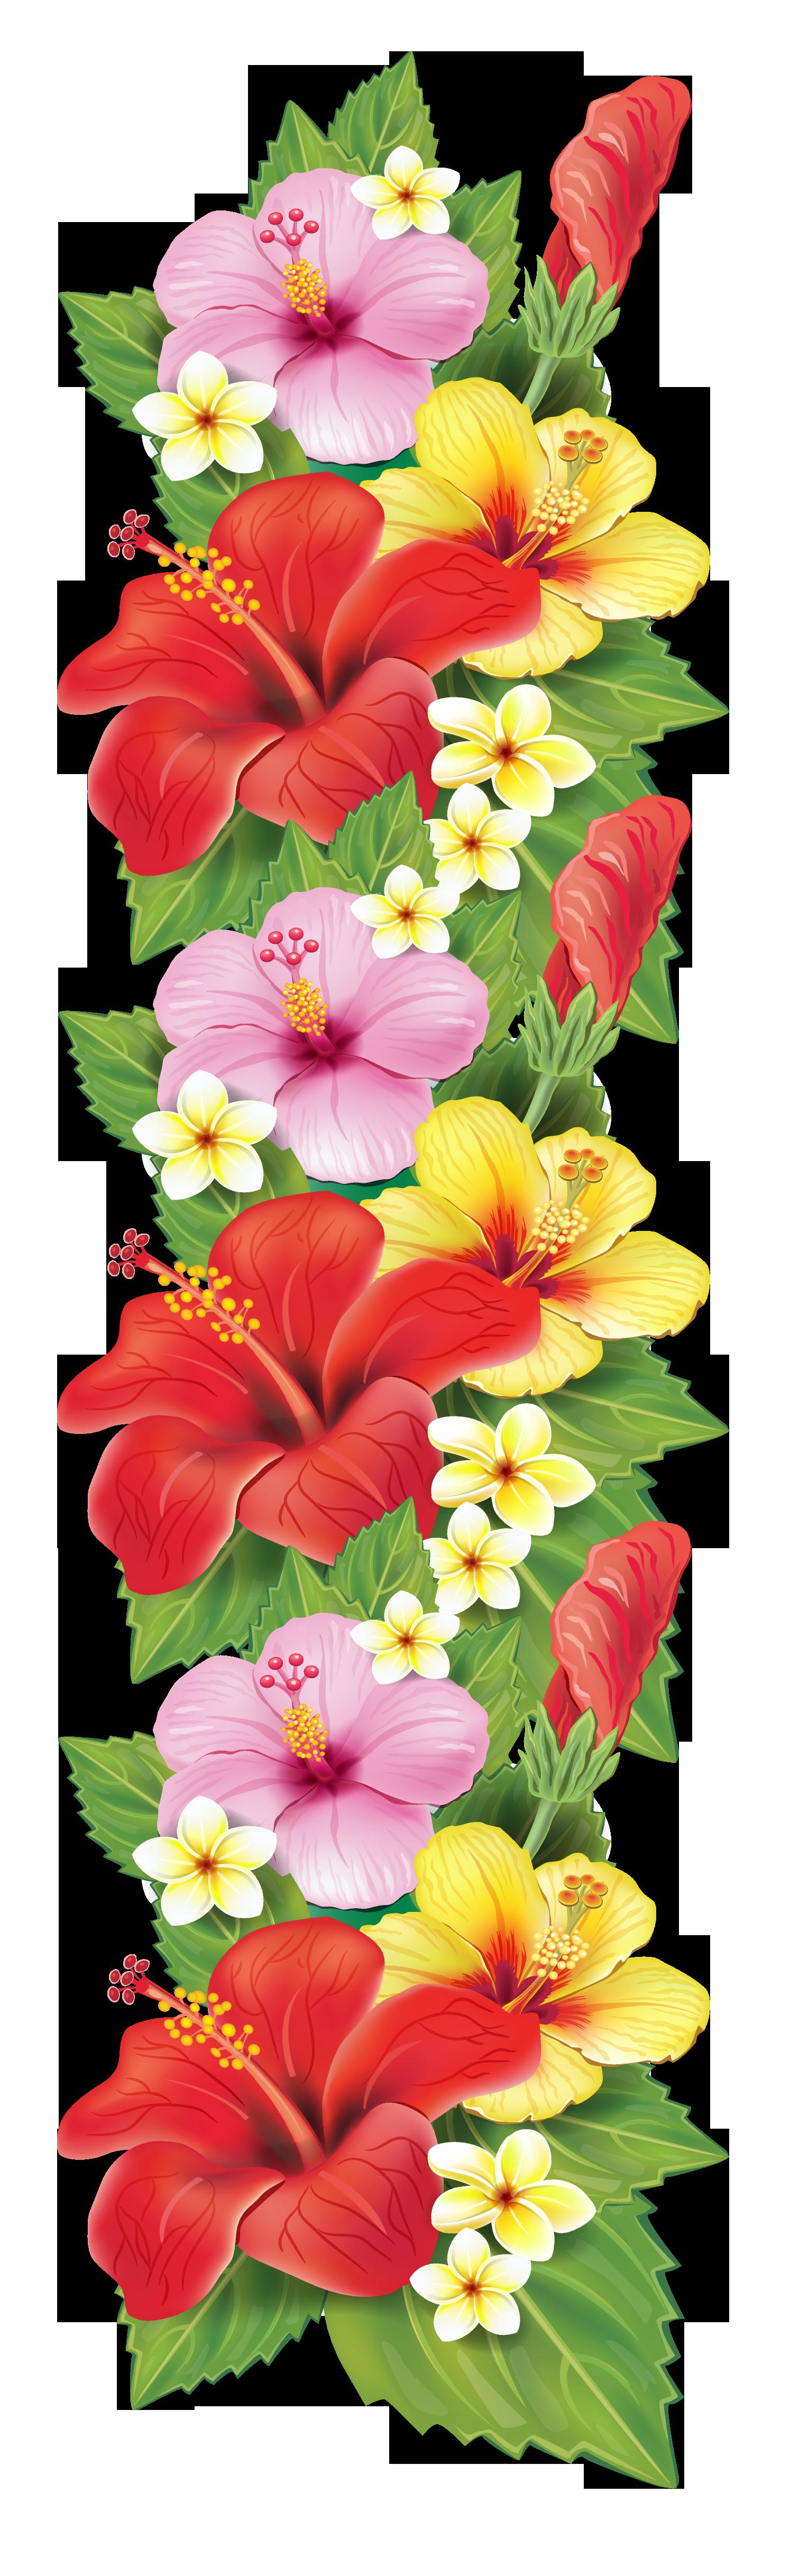 Flowers decor clipart #11